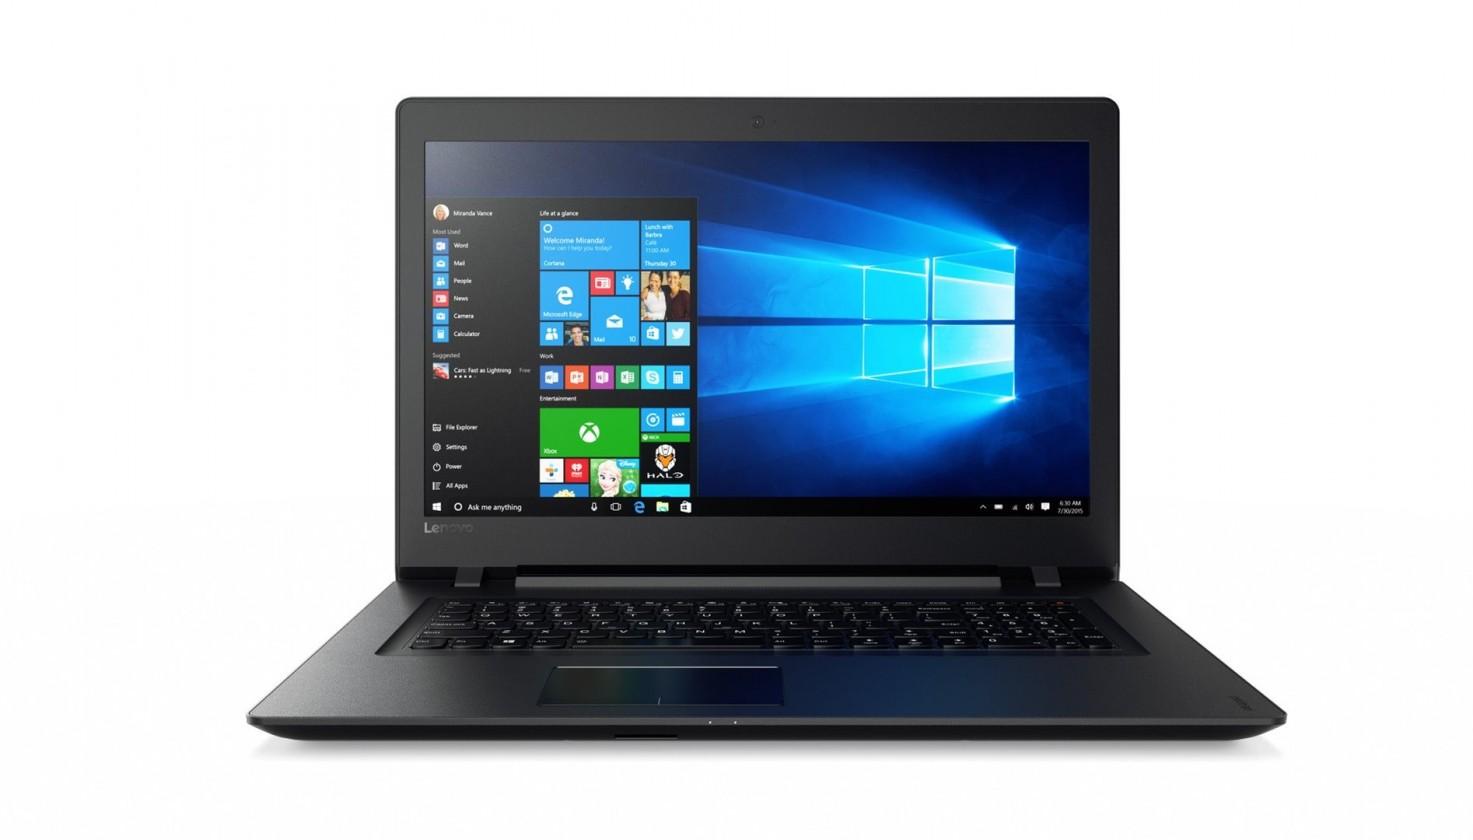 Herní notebook Lenovo IdeaPad 110 80VK0008CK, černá